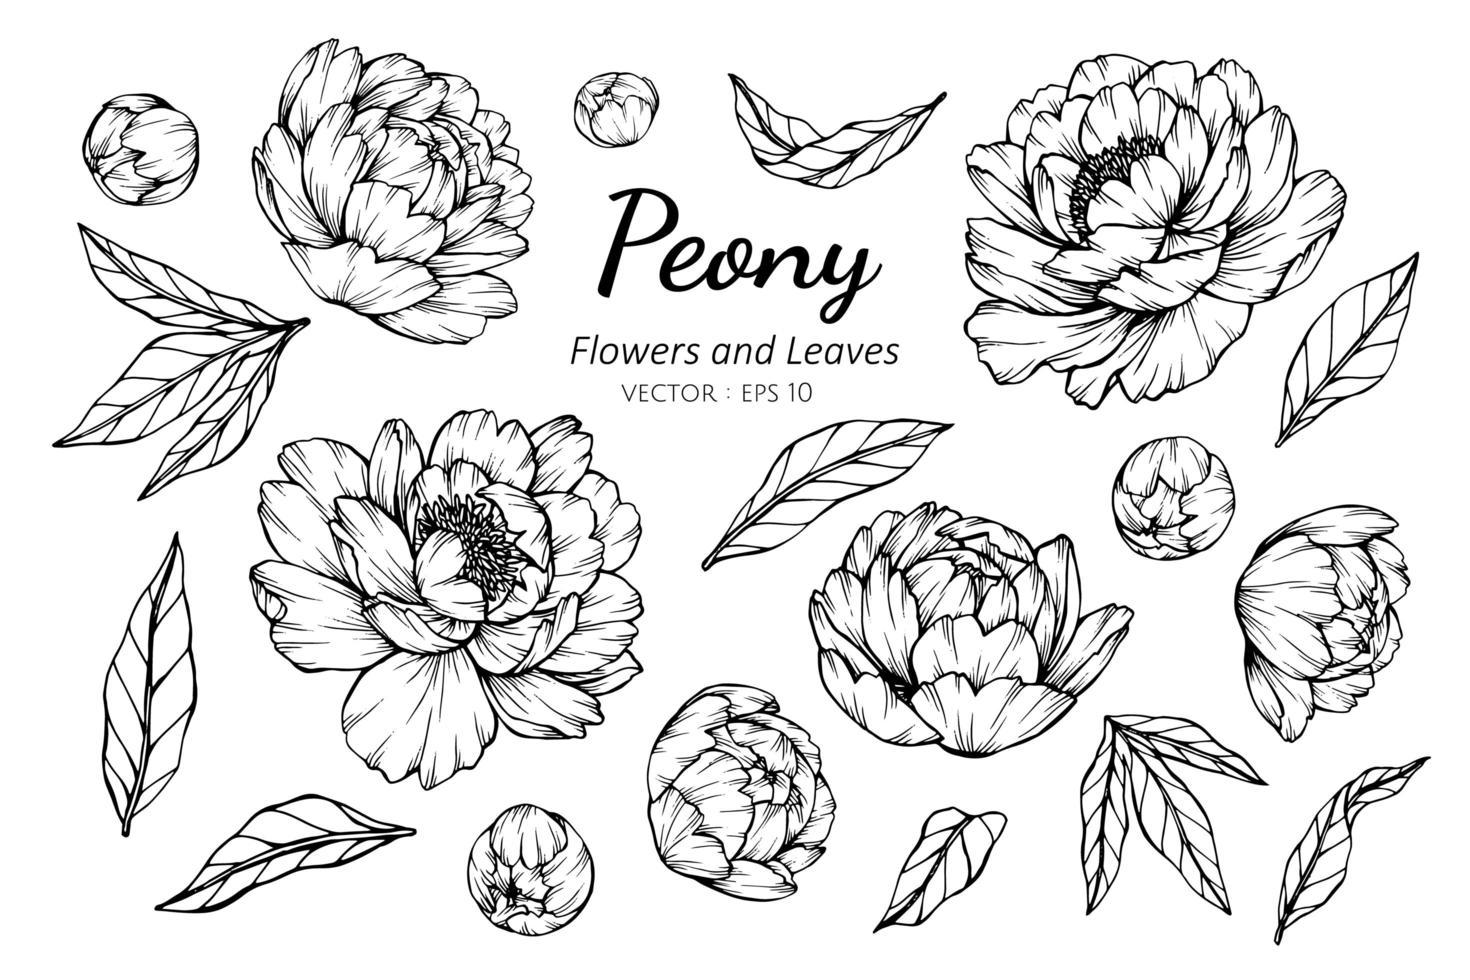 raccolta di fiori e foglie di peonia vettore